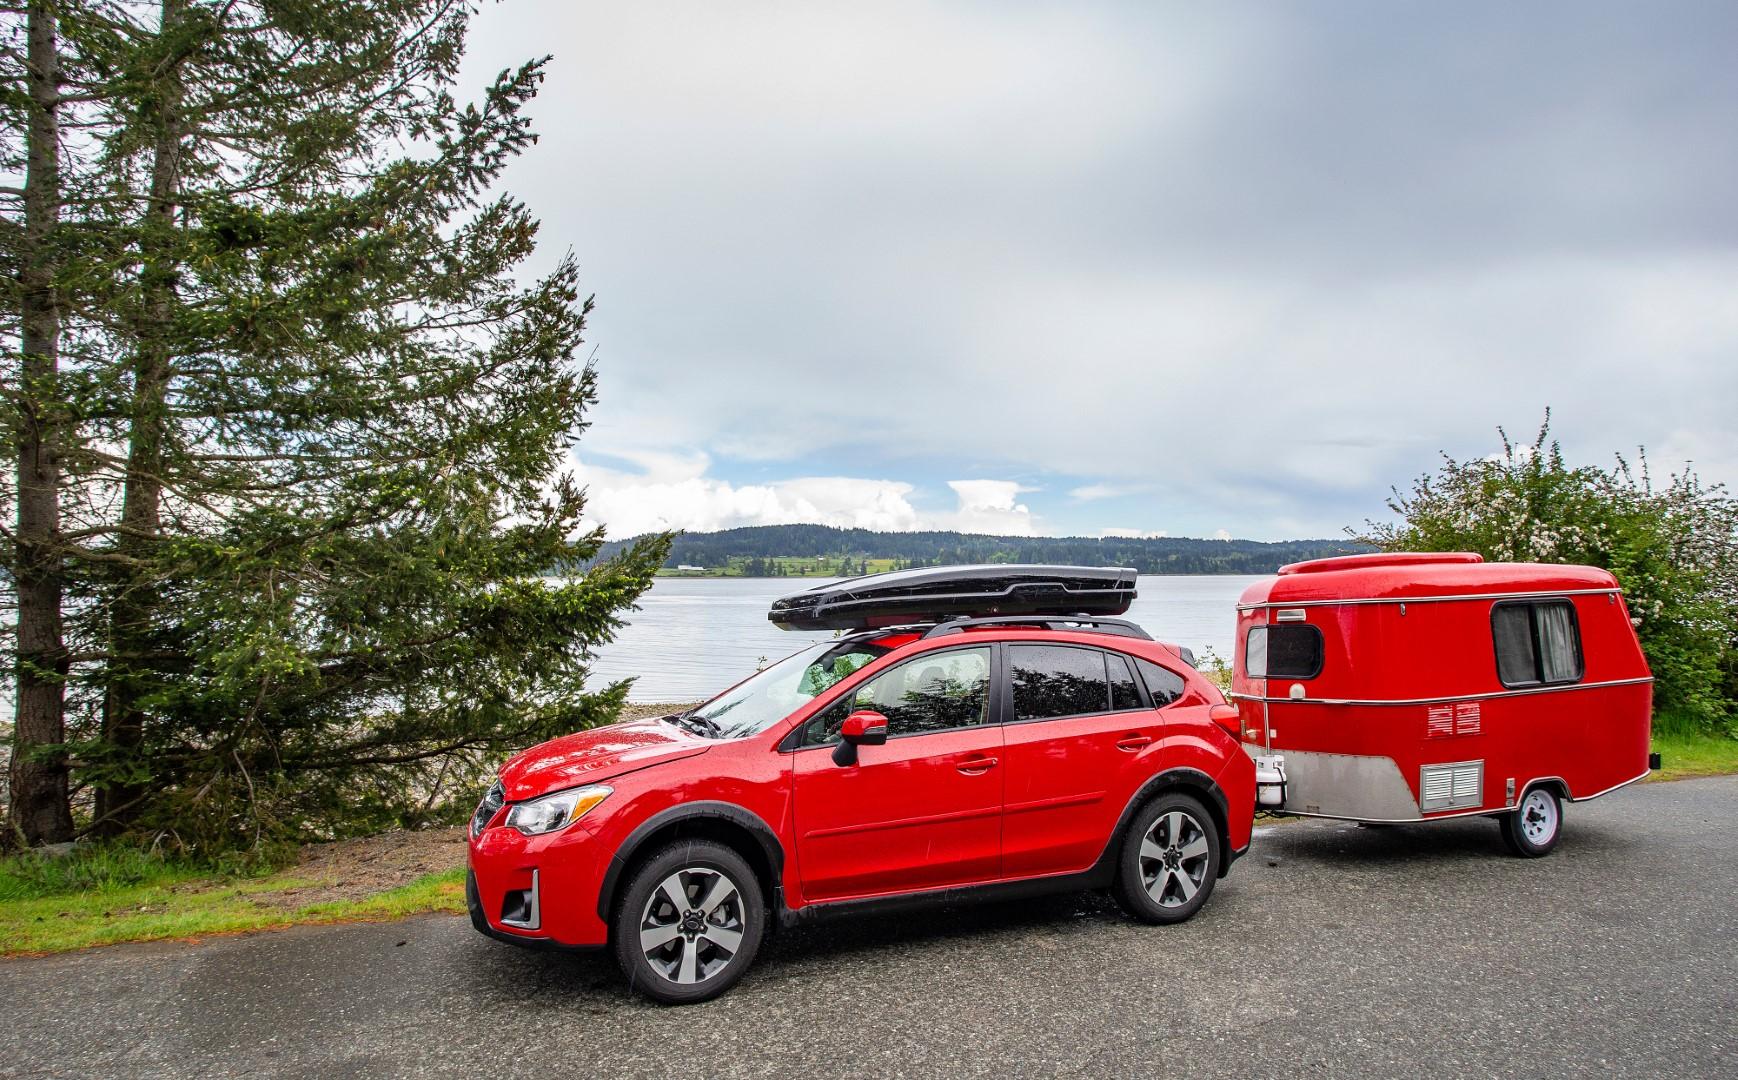 Carro com trailer são carteira da categoria E: saiba os veículos que você pode dirigir, como obter, manter e renovar cada uma das categorias da CNH, desde a A até a E, passando pela ACC.